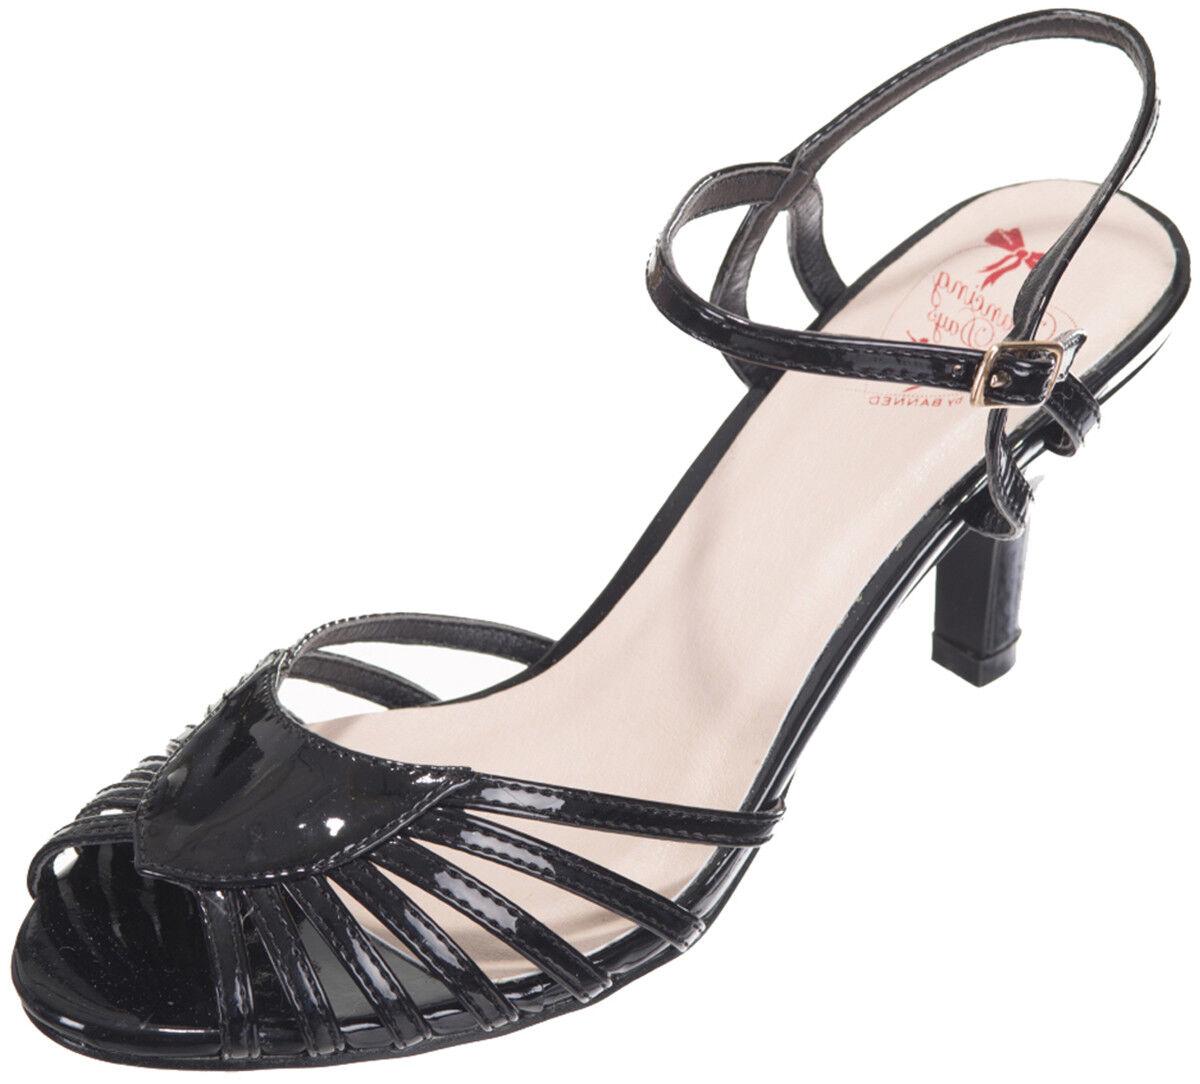 Dancing Days Amelia con tiras PEEP TOE vintage tacón alto zapatos de salón rockabilly